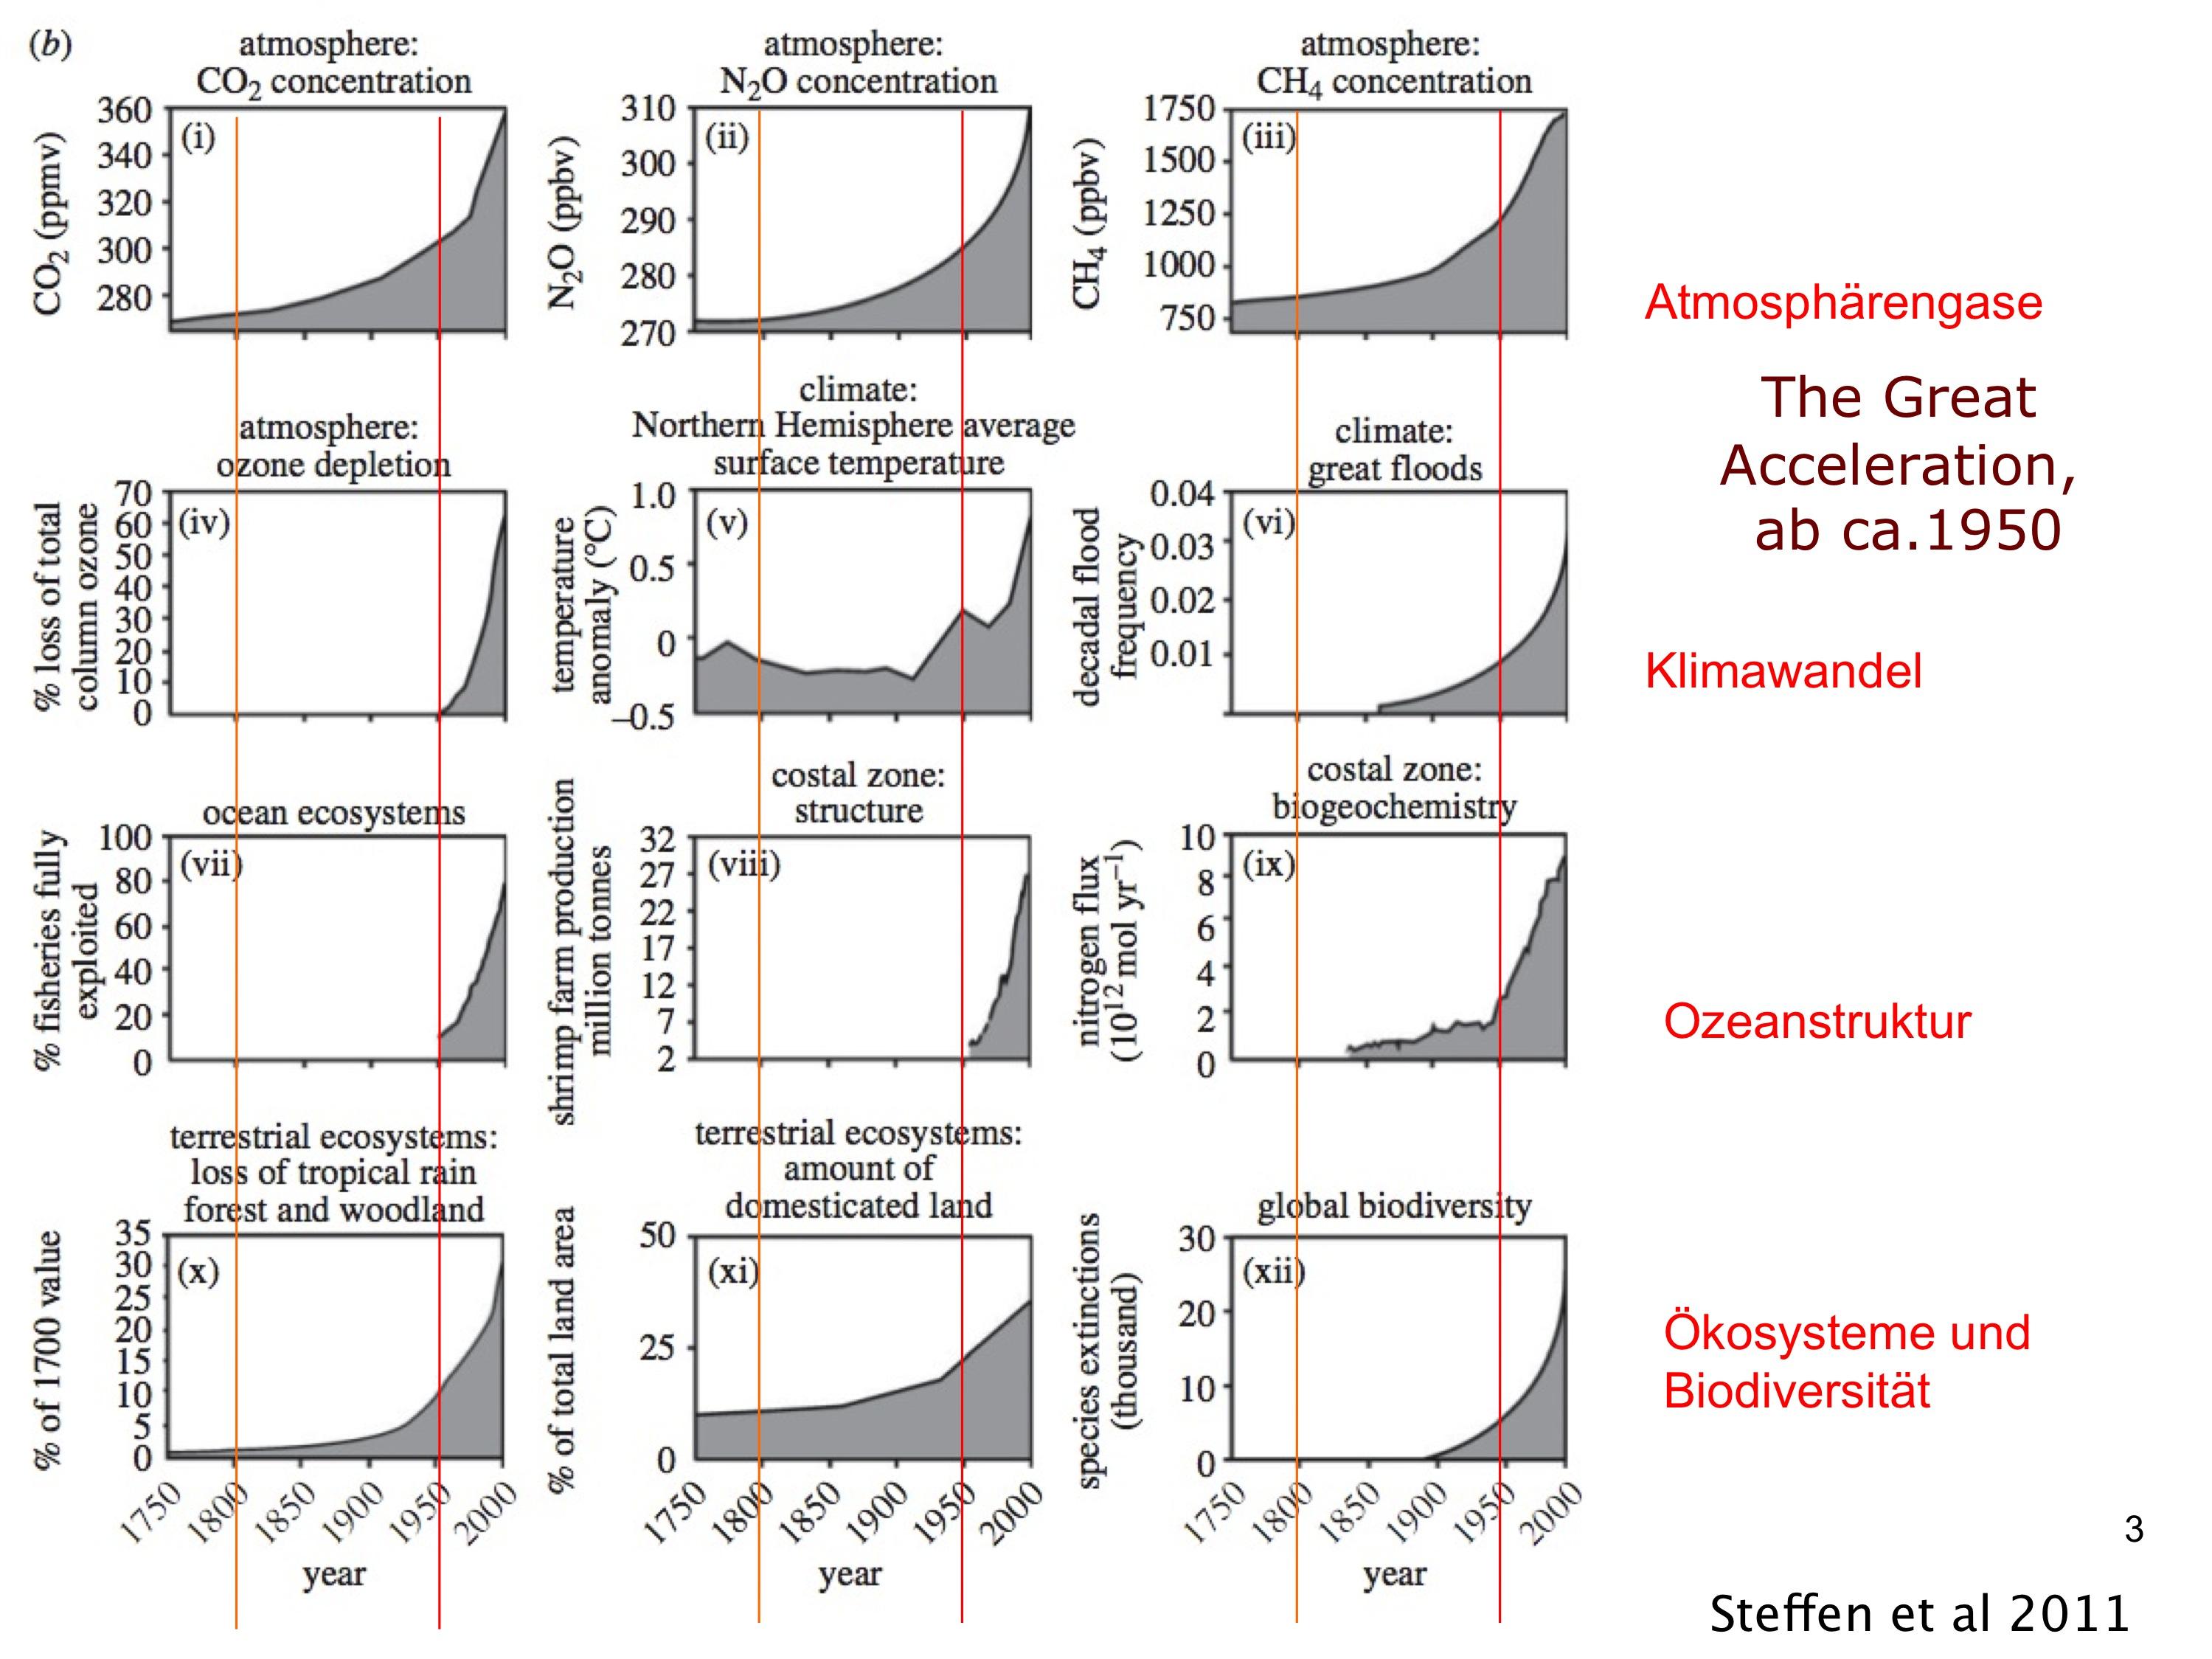 Die große Beschleunigung (aus Steffen et al. 2011, verändert). a) anthropogen bedingte Veränderungen in den Natursphären. Beachte die Beschleunigungsraten, diese sind häufig ab 1950 besonders ausgeprägt